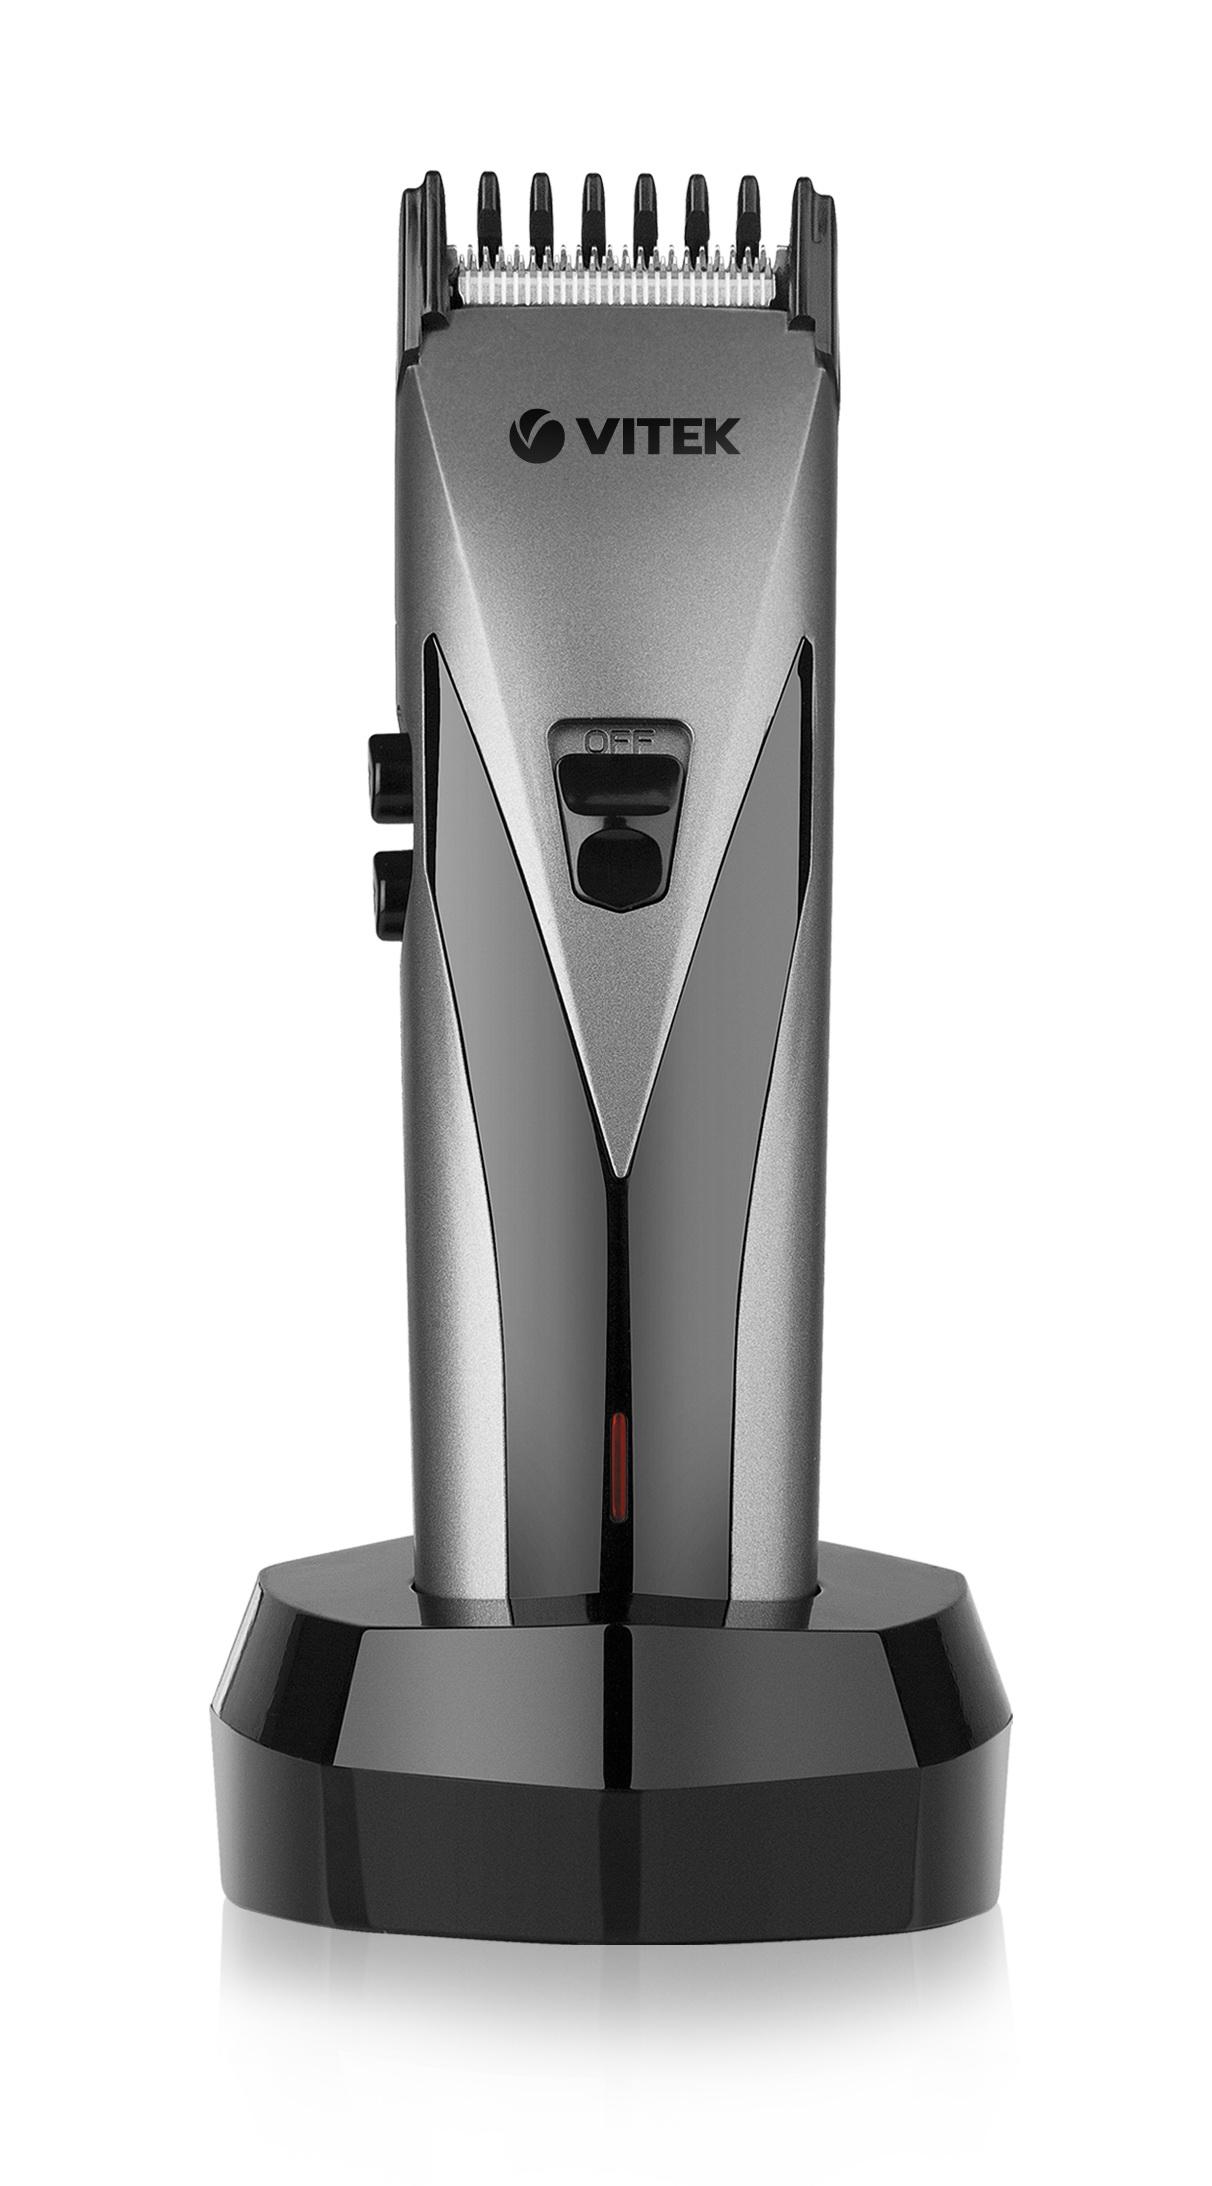 Машинка для стрижки VitekМашинки для стрижки<br>Тип: набор для стрижки,<br>Источники питания: аккумулятор/сеть 220В,<br>Вес нетто: 0.6<br>